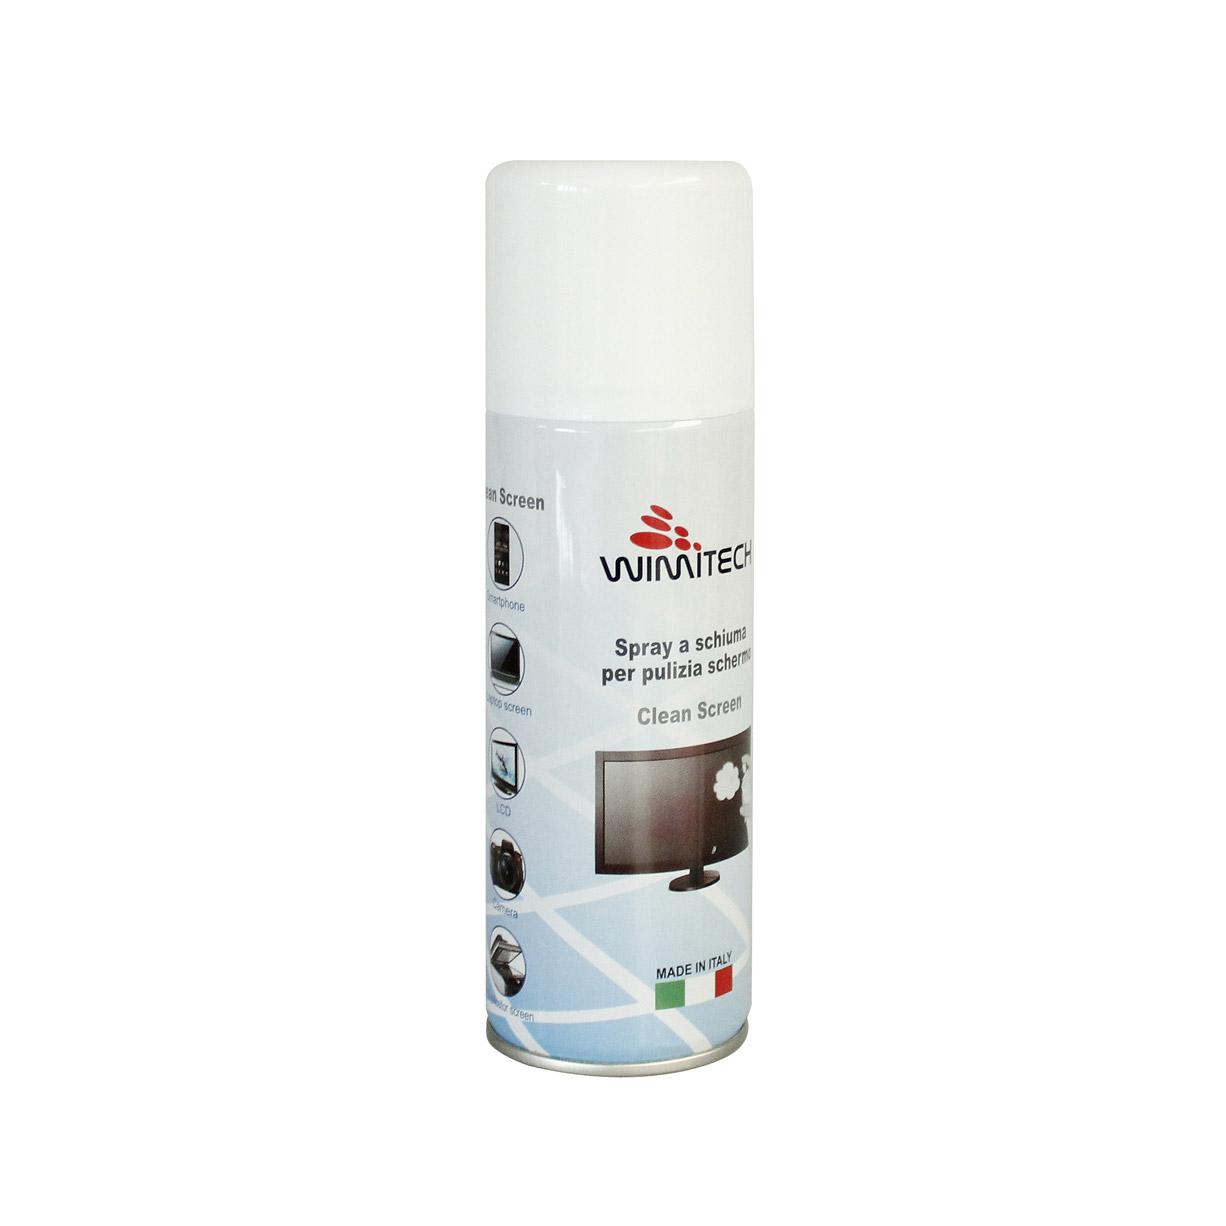 Spray a schiuma per pulizia schermo 200 ml_1